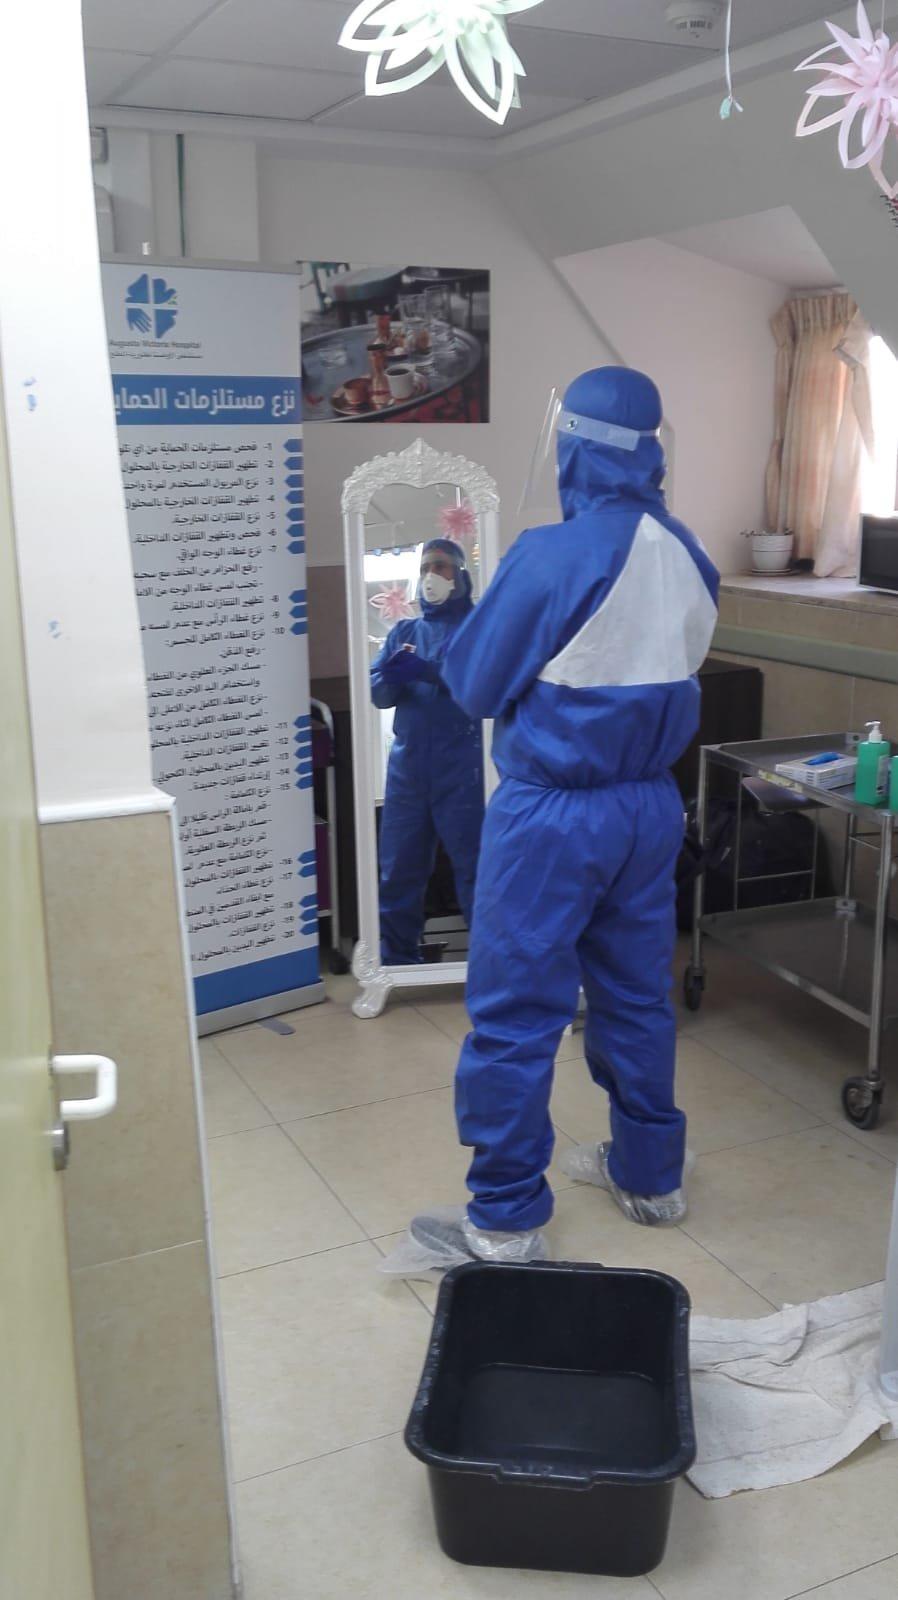 الدكتور علي سباتين لـ بكرا : ينتظرنا مستقبلا قاتما لعدم الالتزام بالتعليمات الوقائية